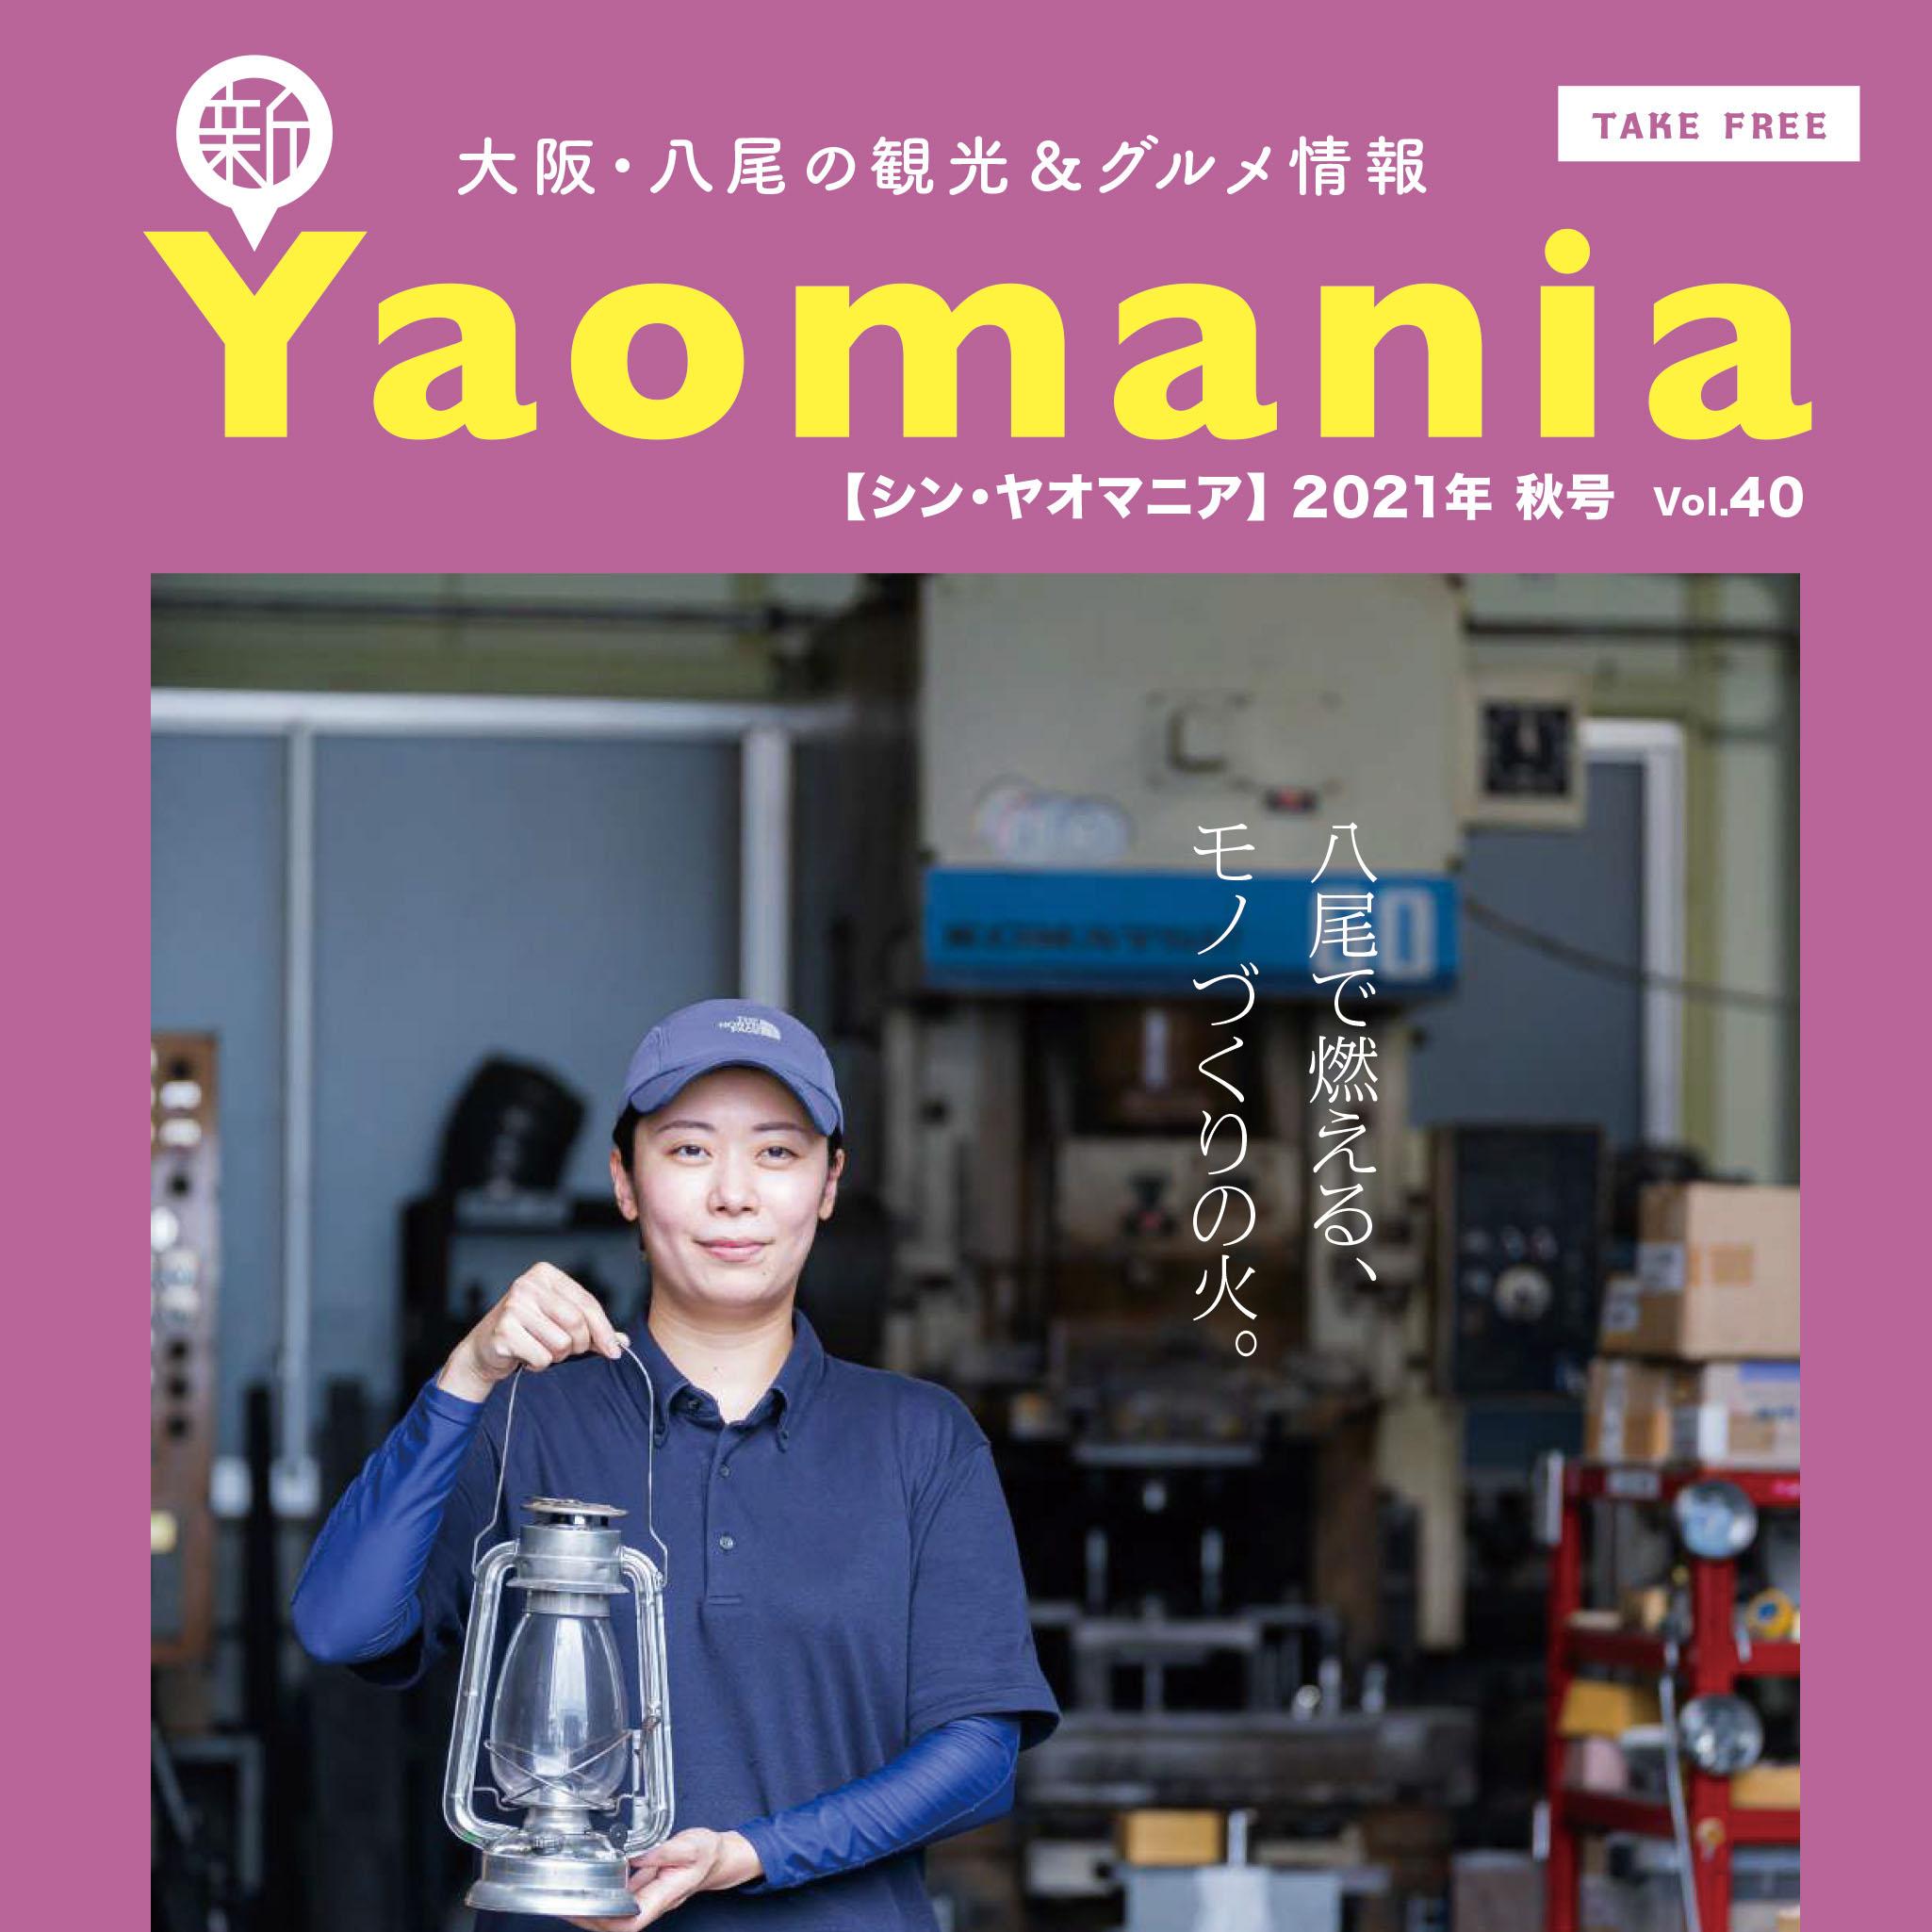 新Yaomania(シン・ヤオマニア)秋号|2021.10.3 モノづくり八尾特集(大阪府八尾市)